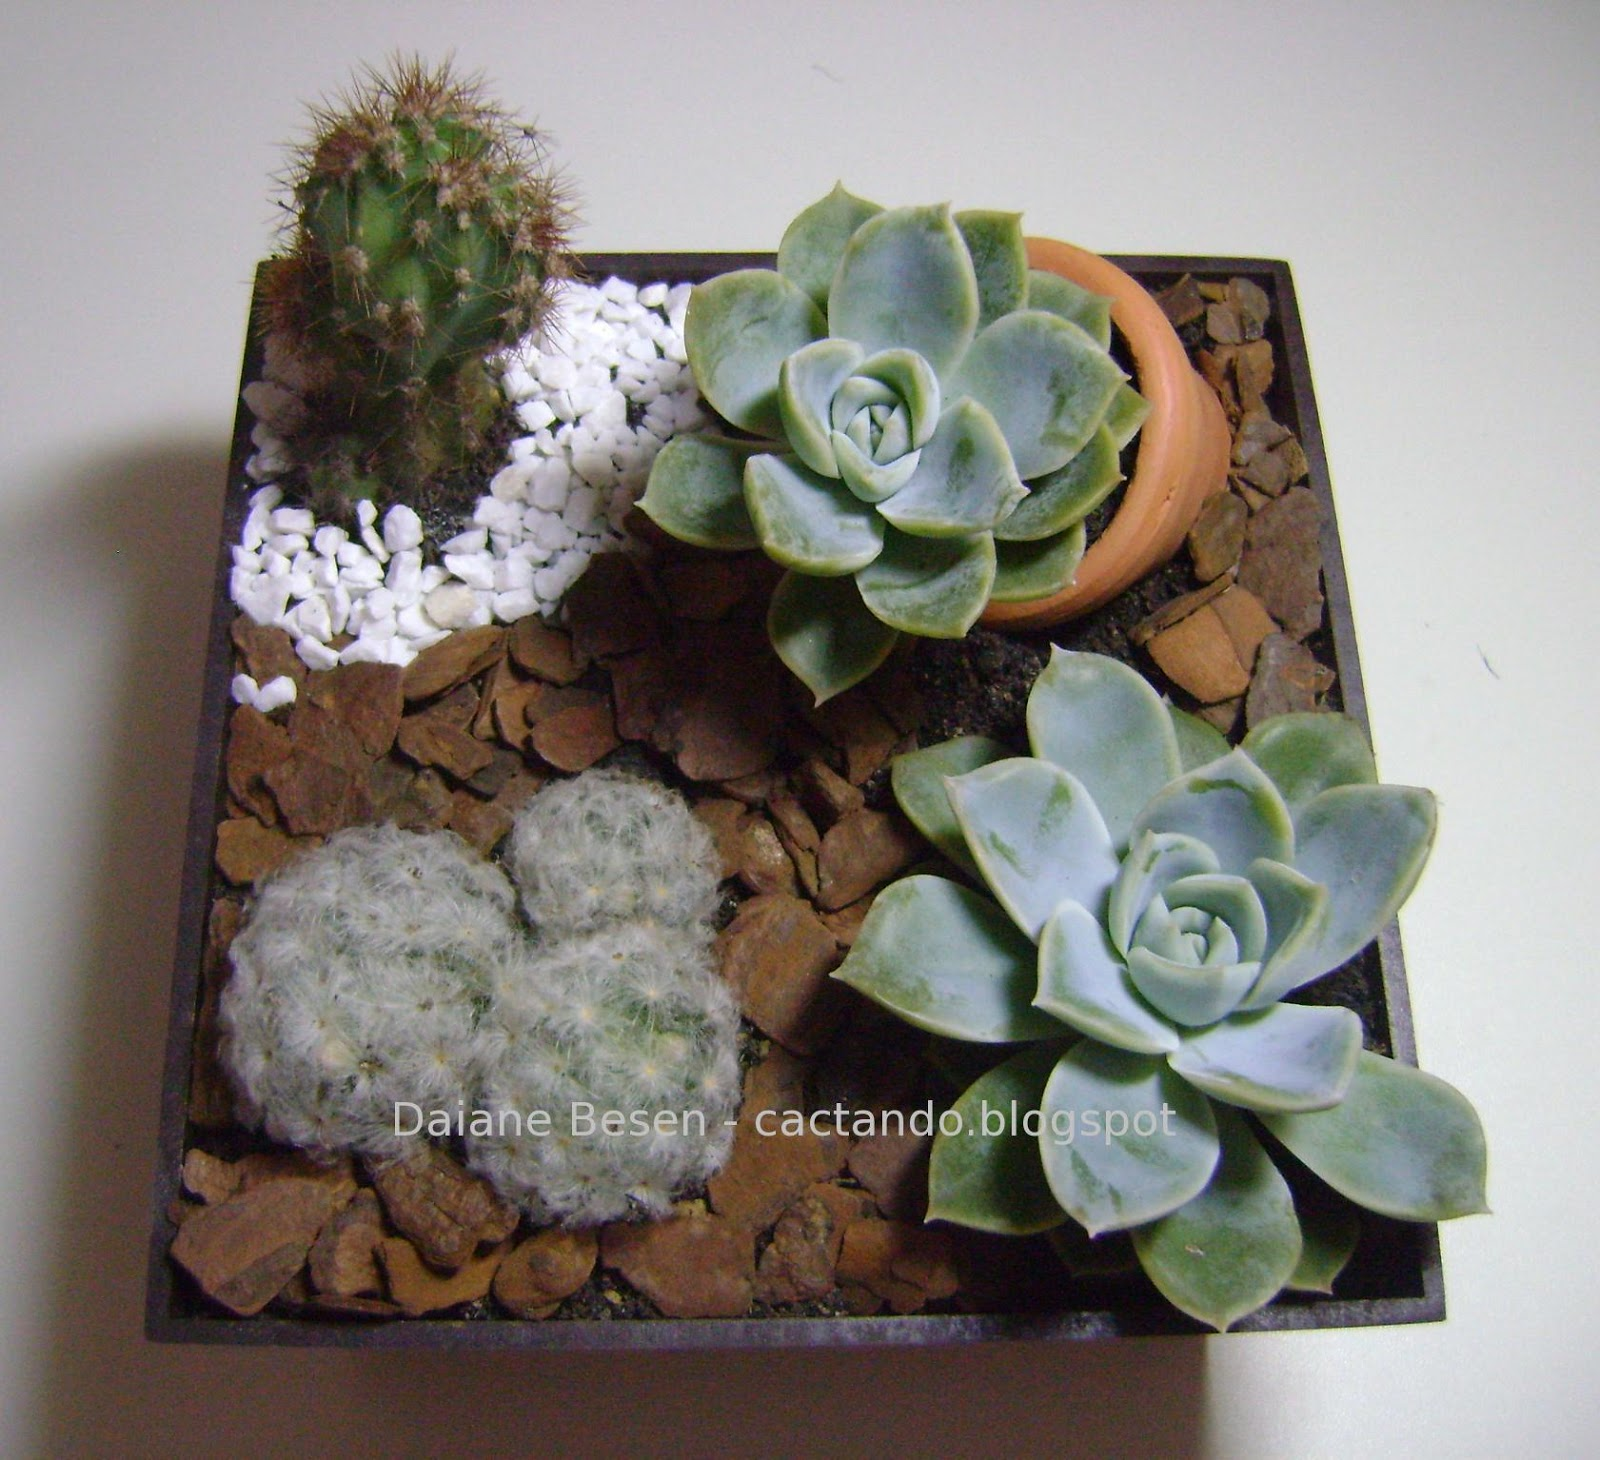 mini jardim suculentas : mini jardim suculentas:Mais um mini jardim! Neste foram usadas plantas maiores, um jardim no